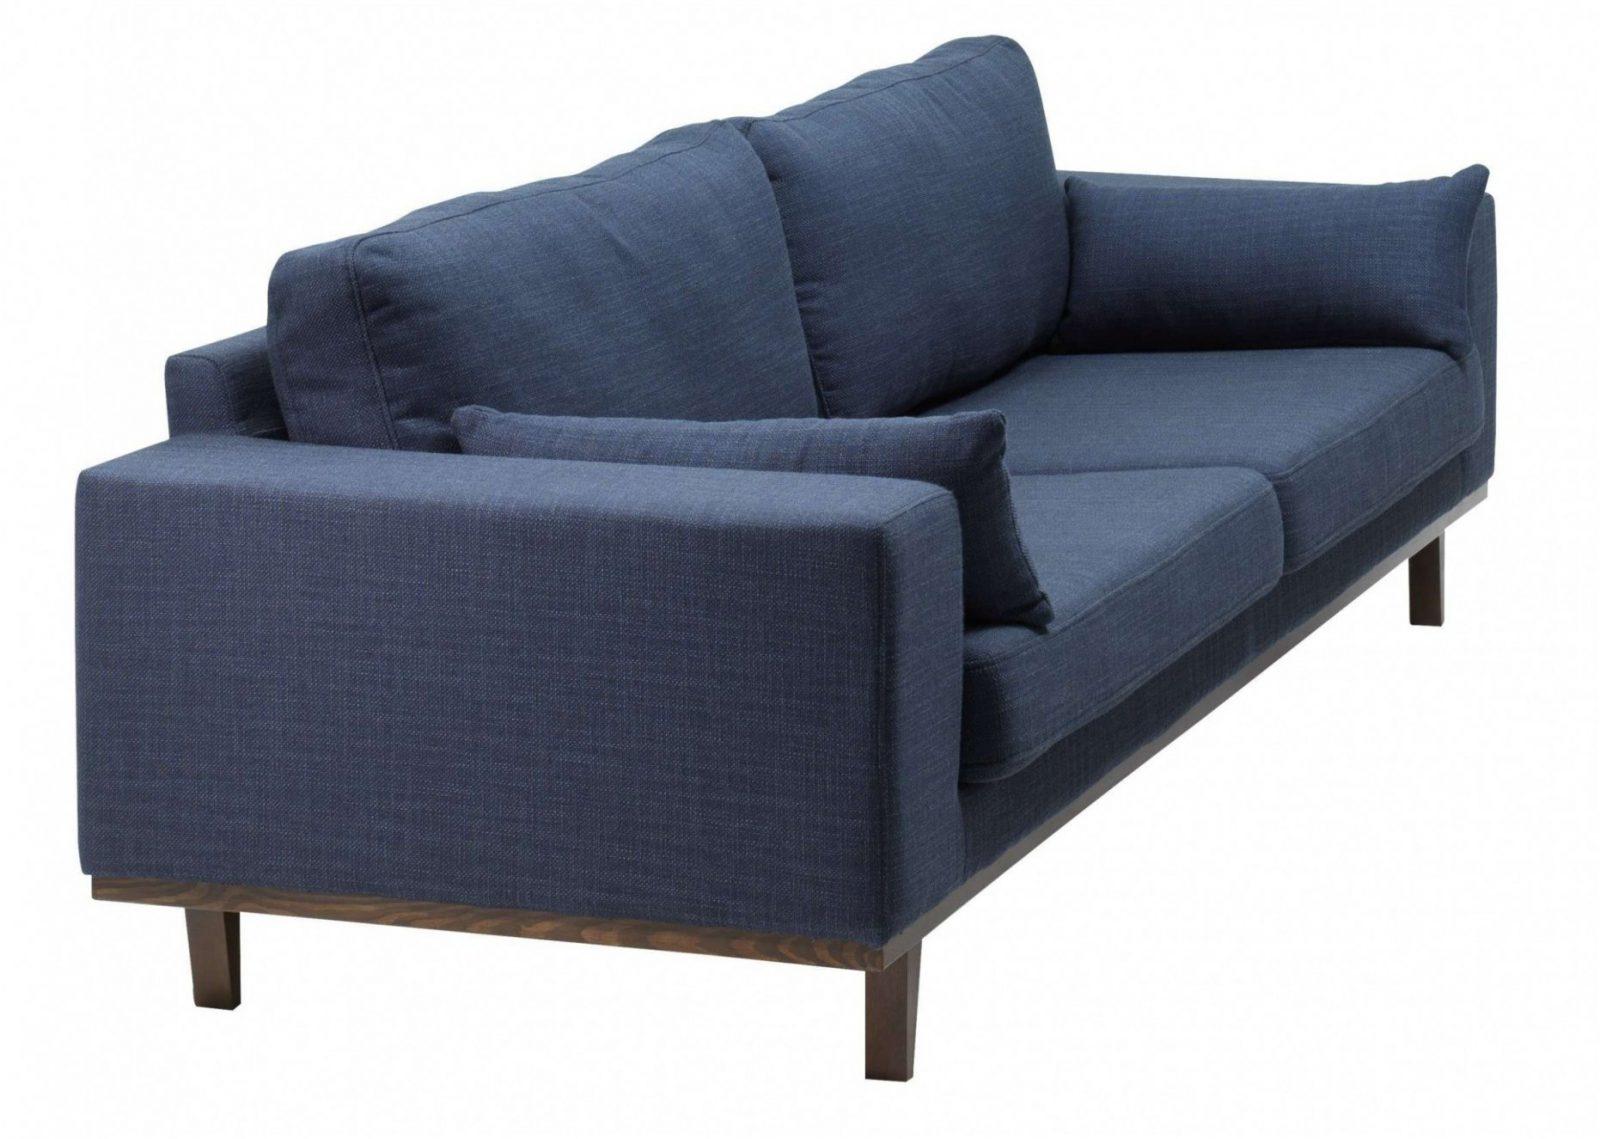 2 Sitzer Sofa Zum Ausziehen — Yct Projekte Kleines Zweisitzer Sofa von Couch Zweisitzer Zum Ausziehen Bild